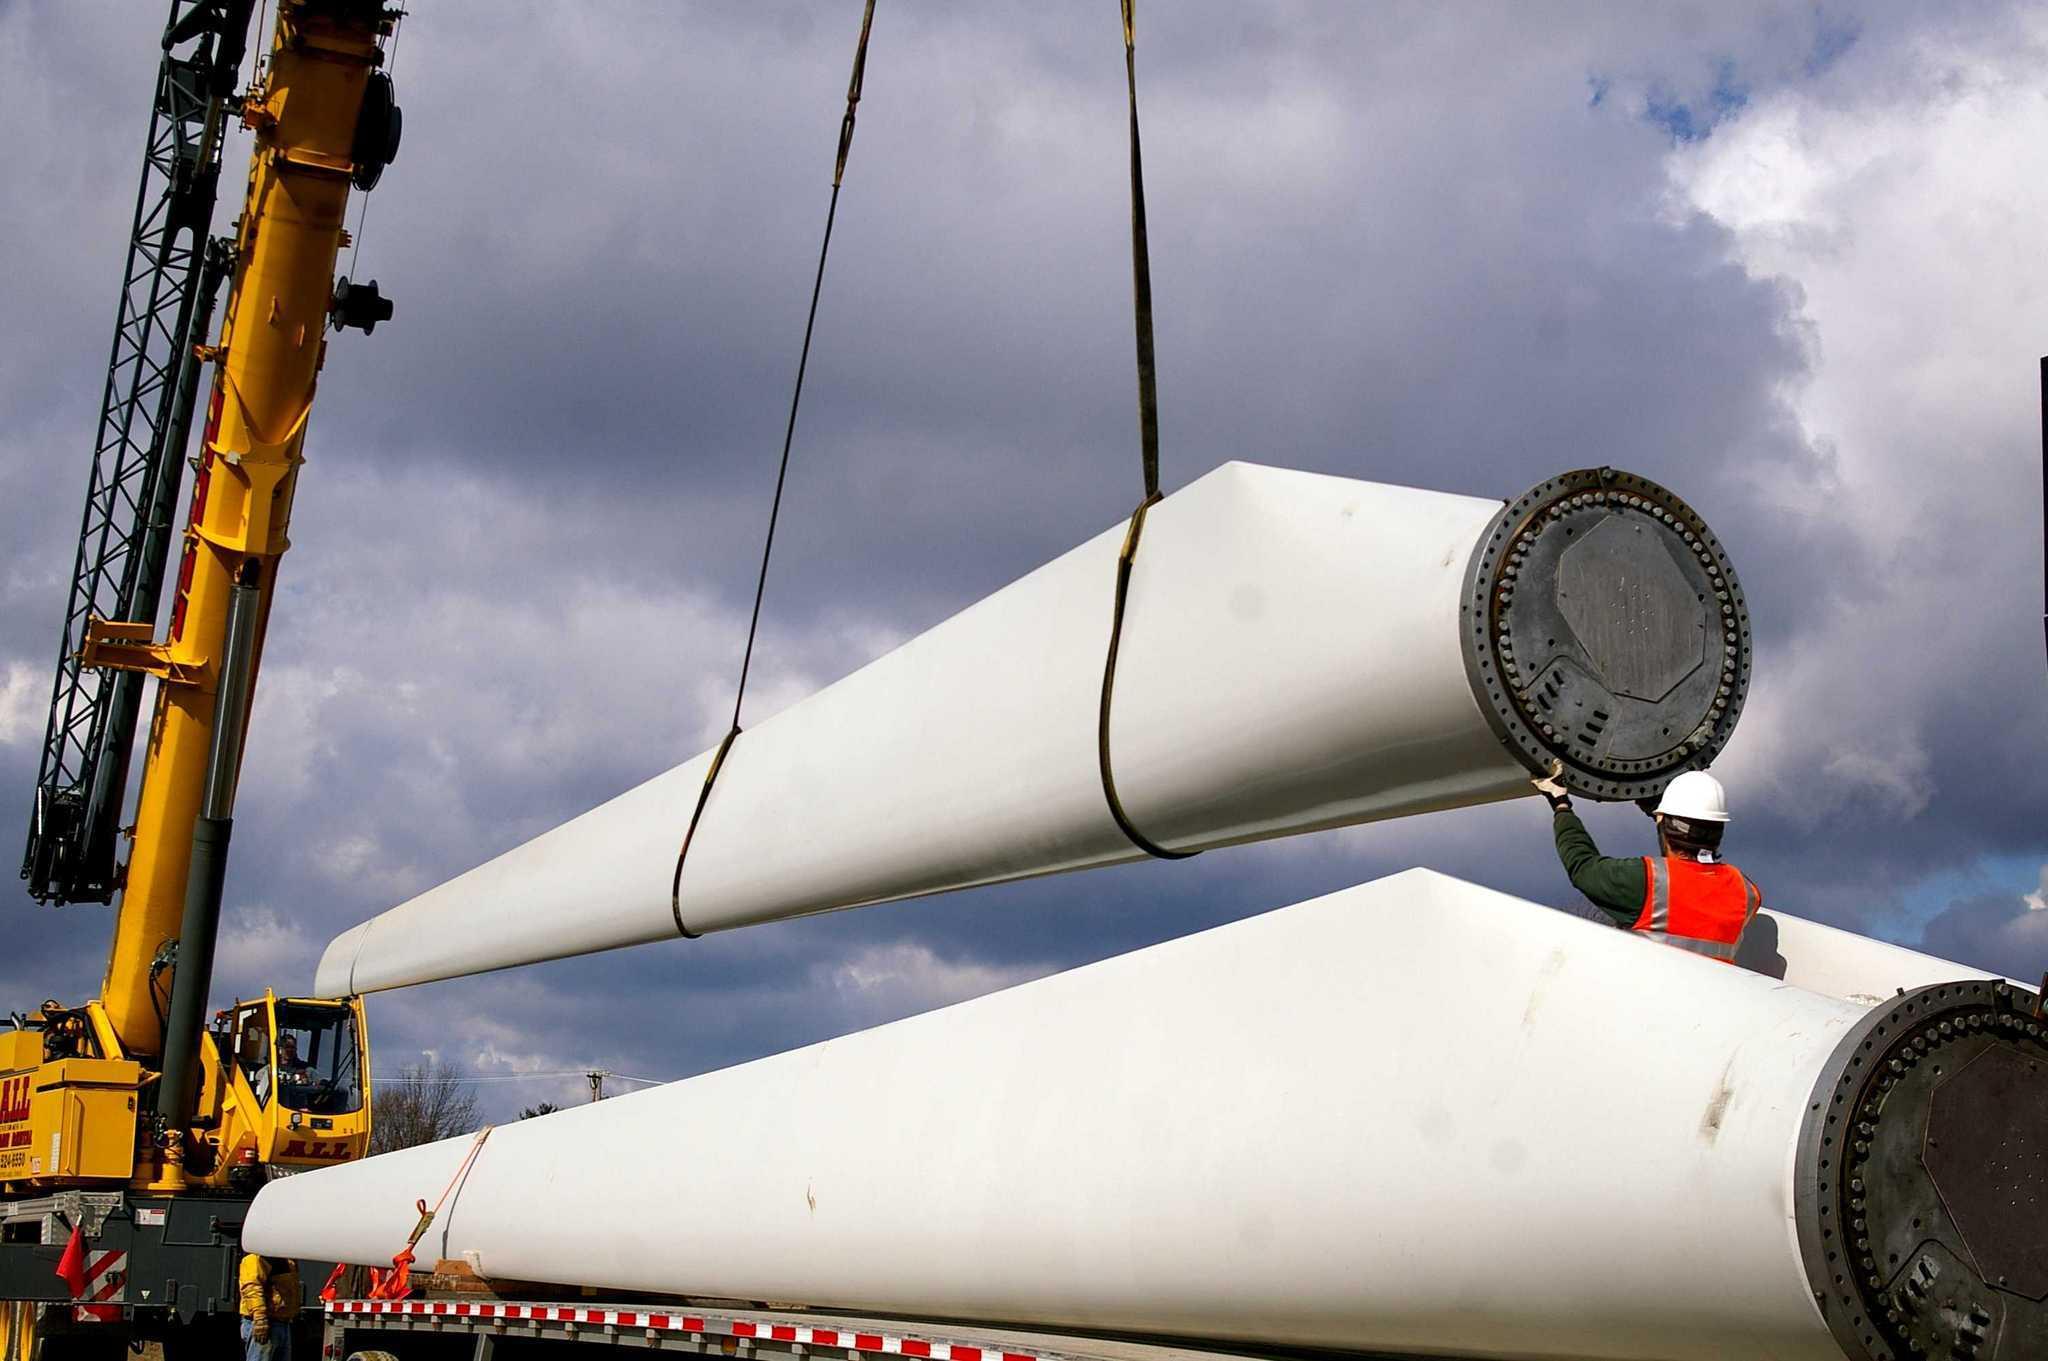 Eólica en México: el parque eólico Mareña Renovables tendrá 132 aerogeneradores de Vestas